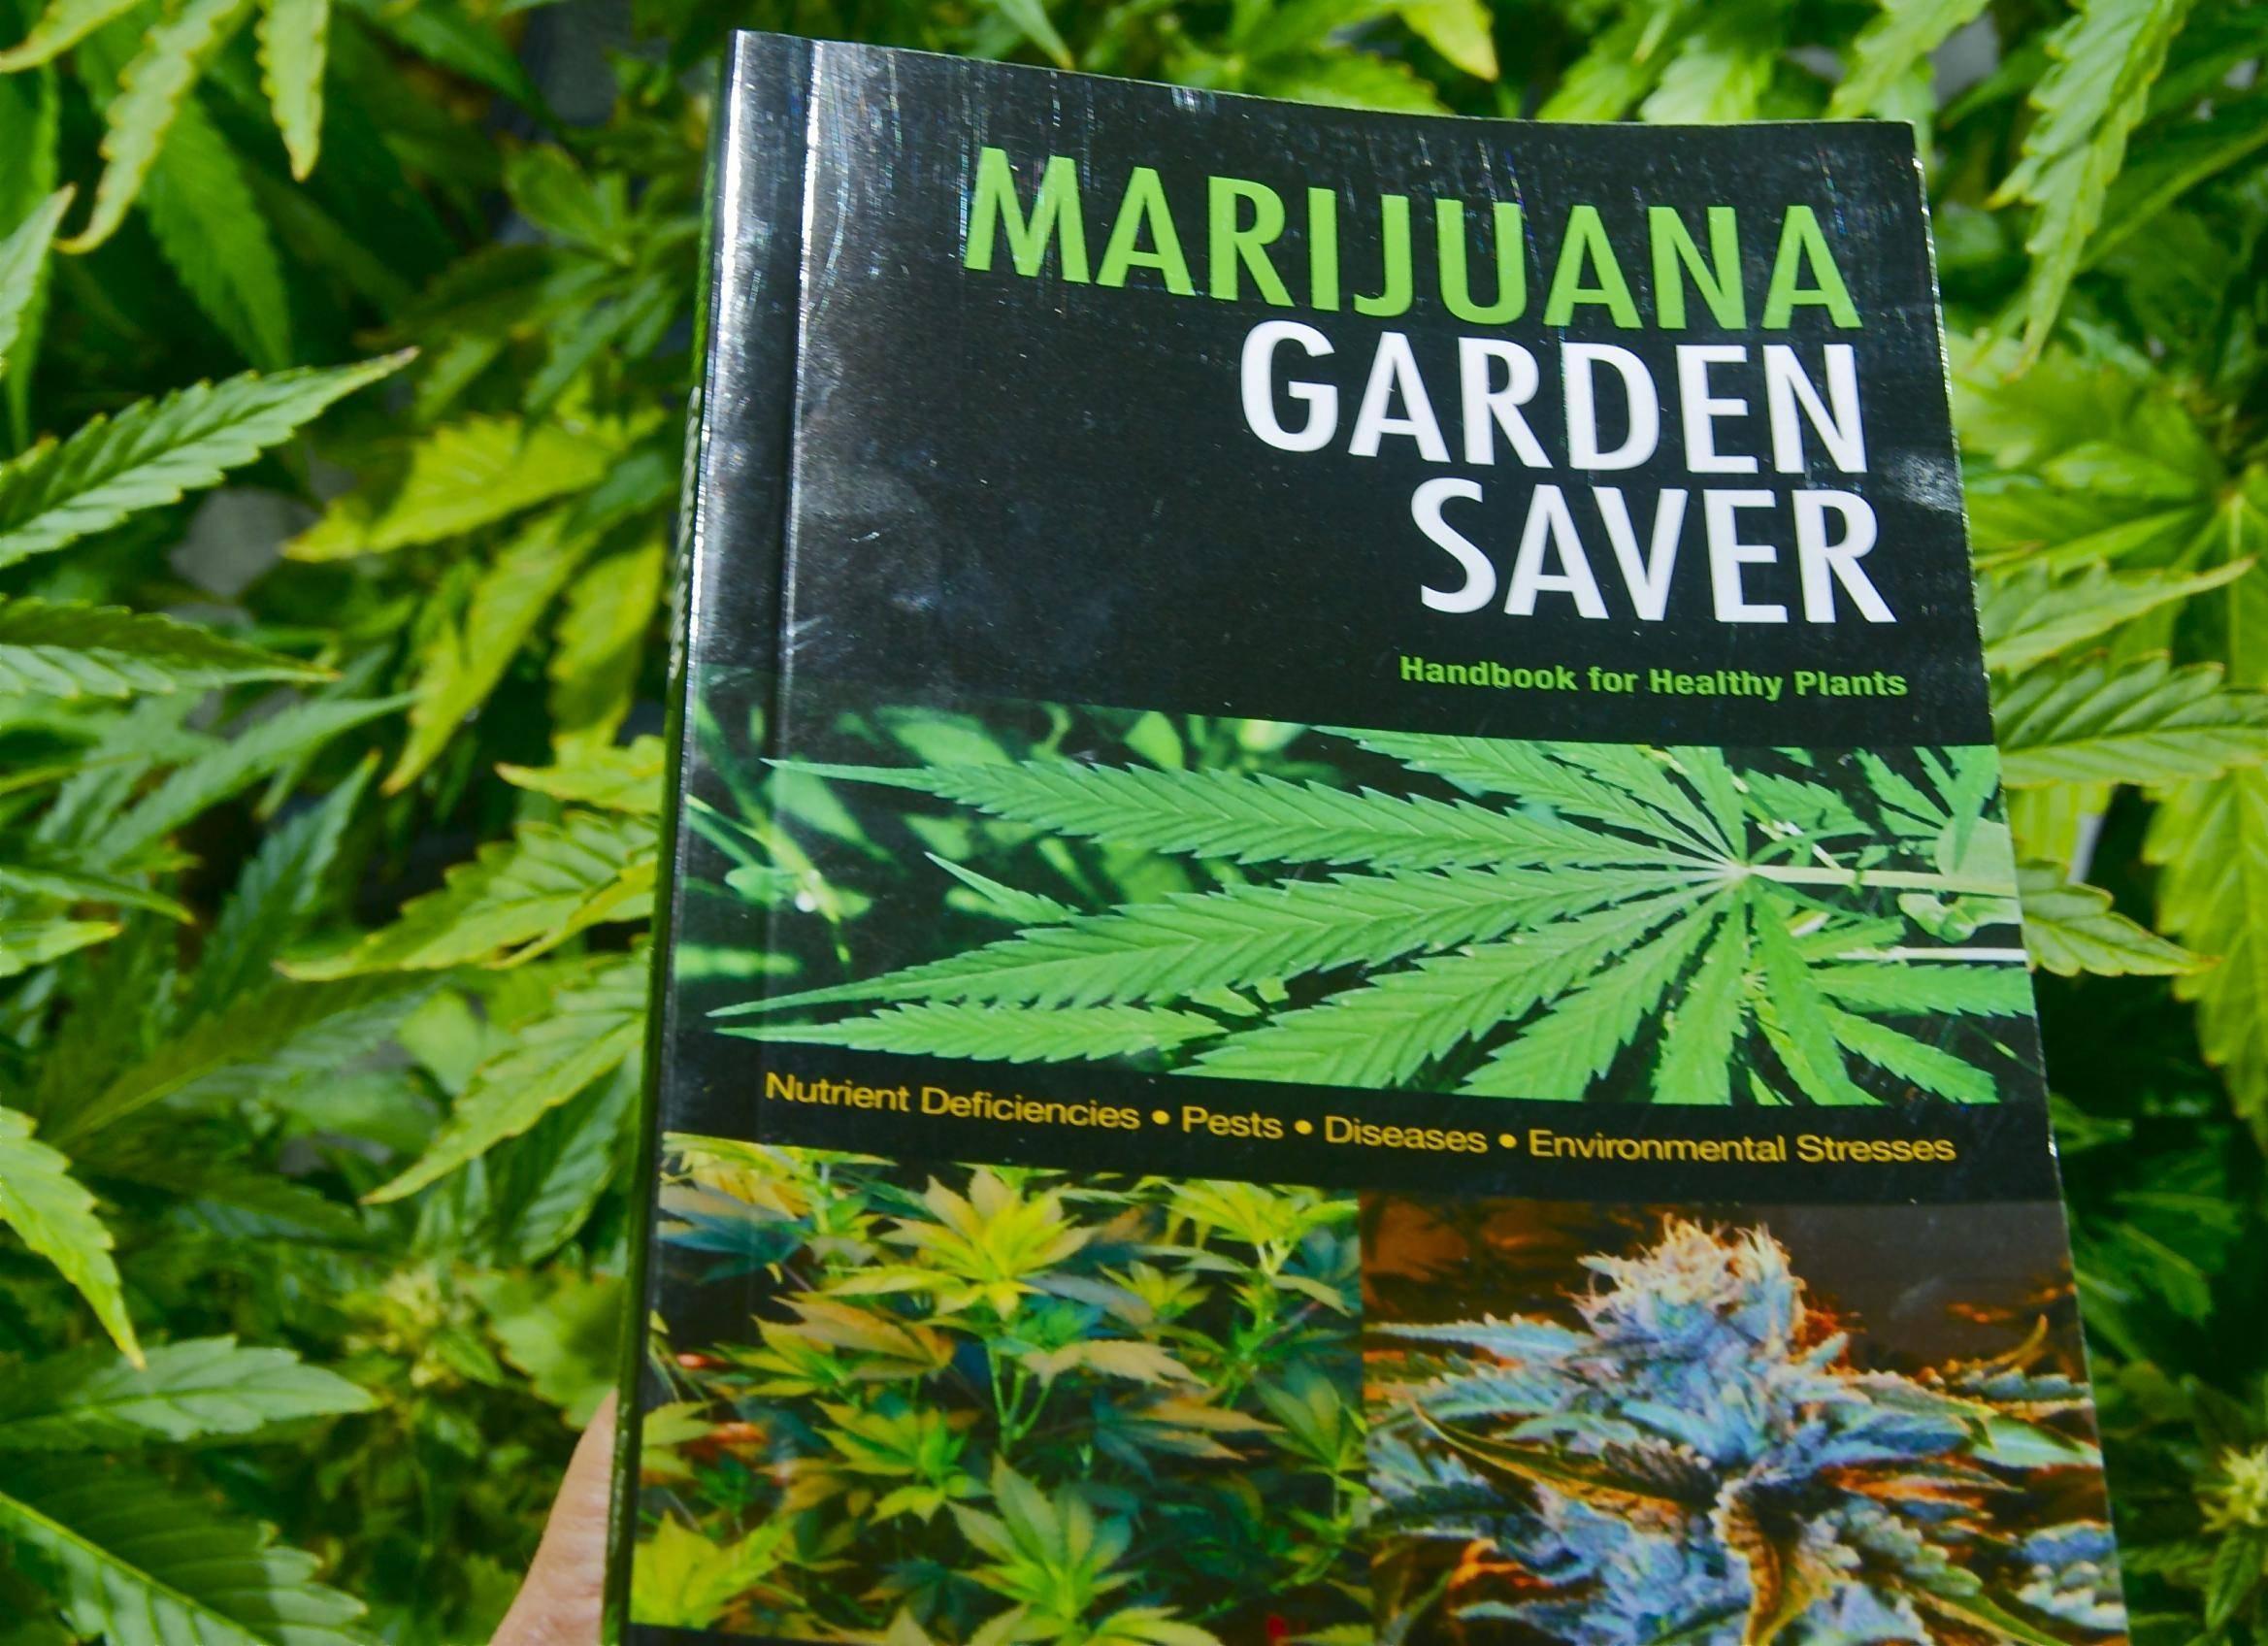 Muž pestoval na záhrade marihuanu, hrozí mu väzenie na 10 až 15 rokov